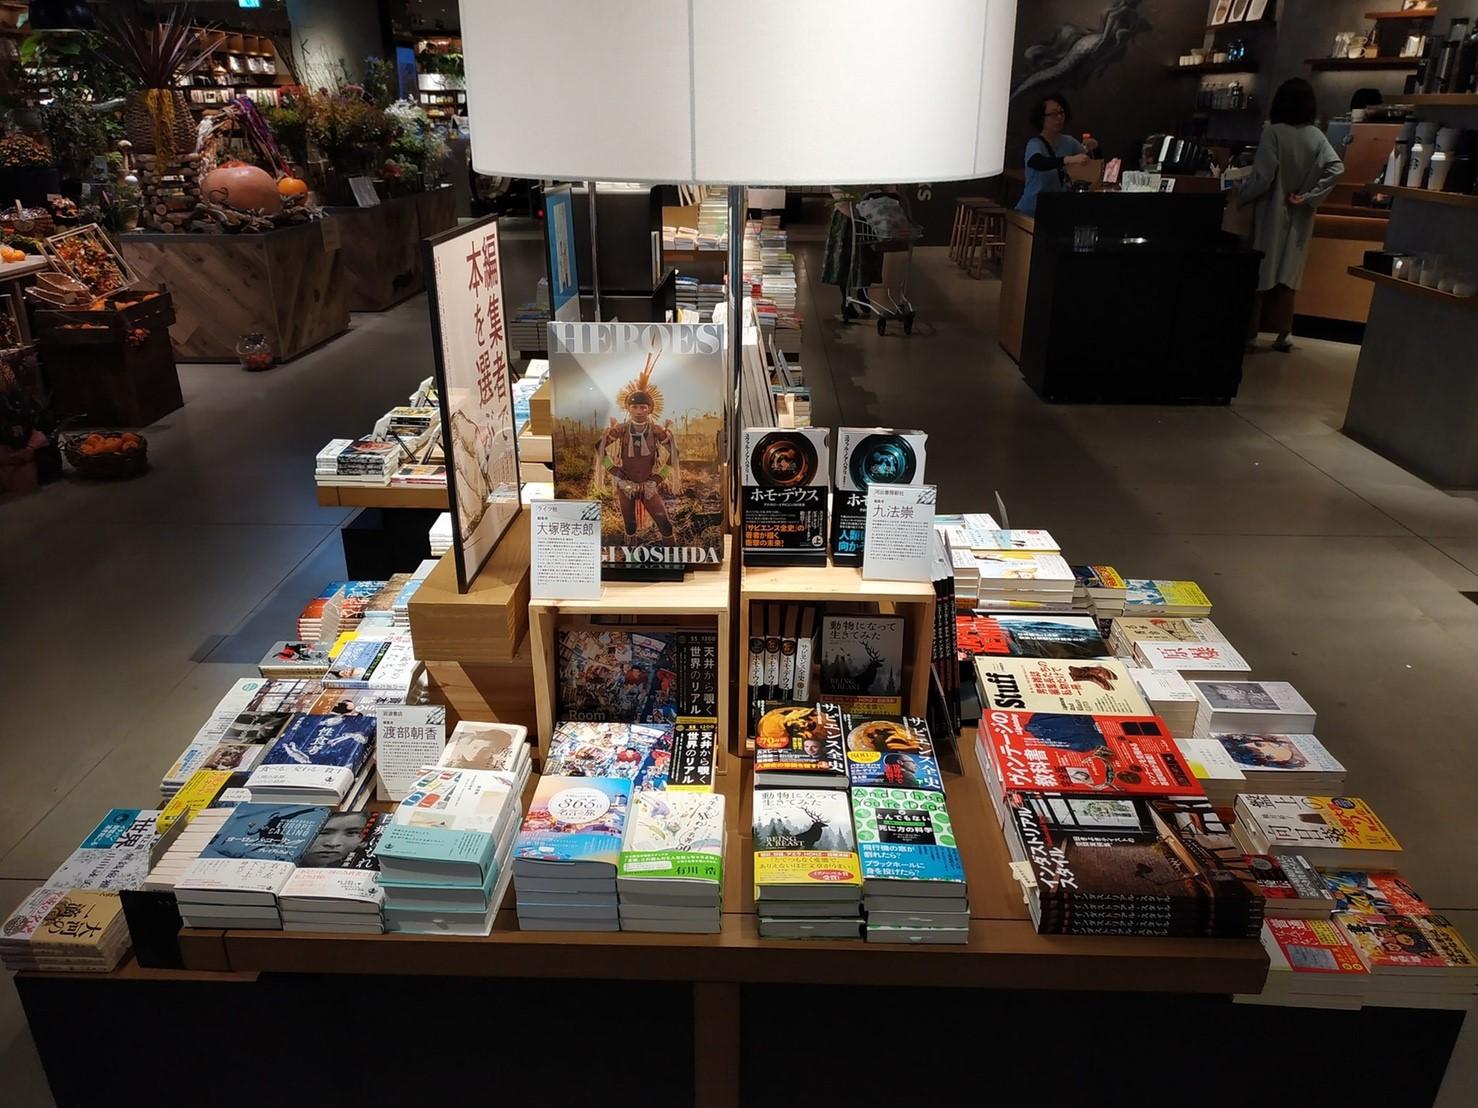 「広島 蔦屋書店「編集者で本を選ぶ」に参加しています!」記事アイキャッチ画像